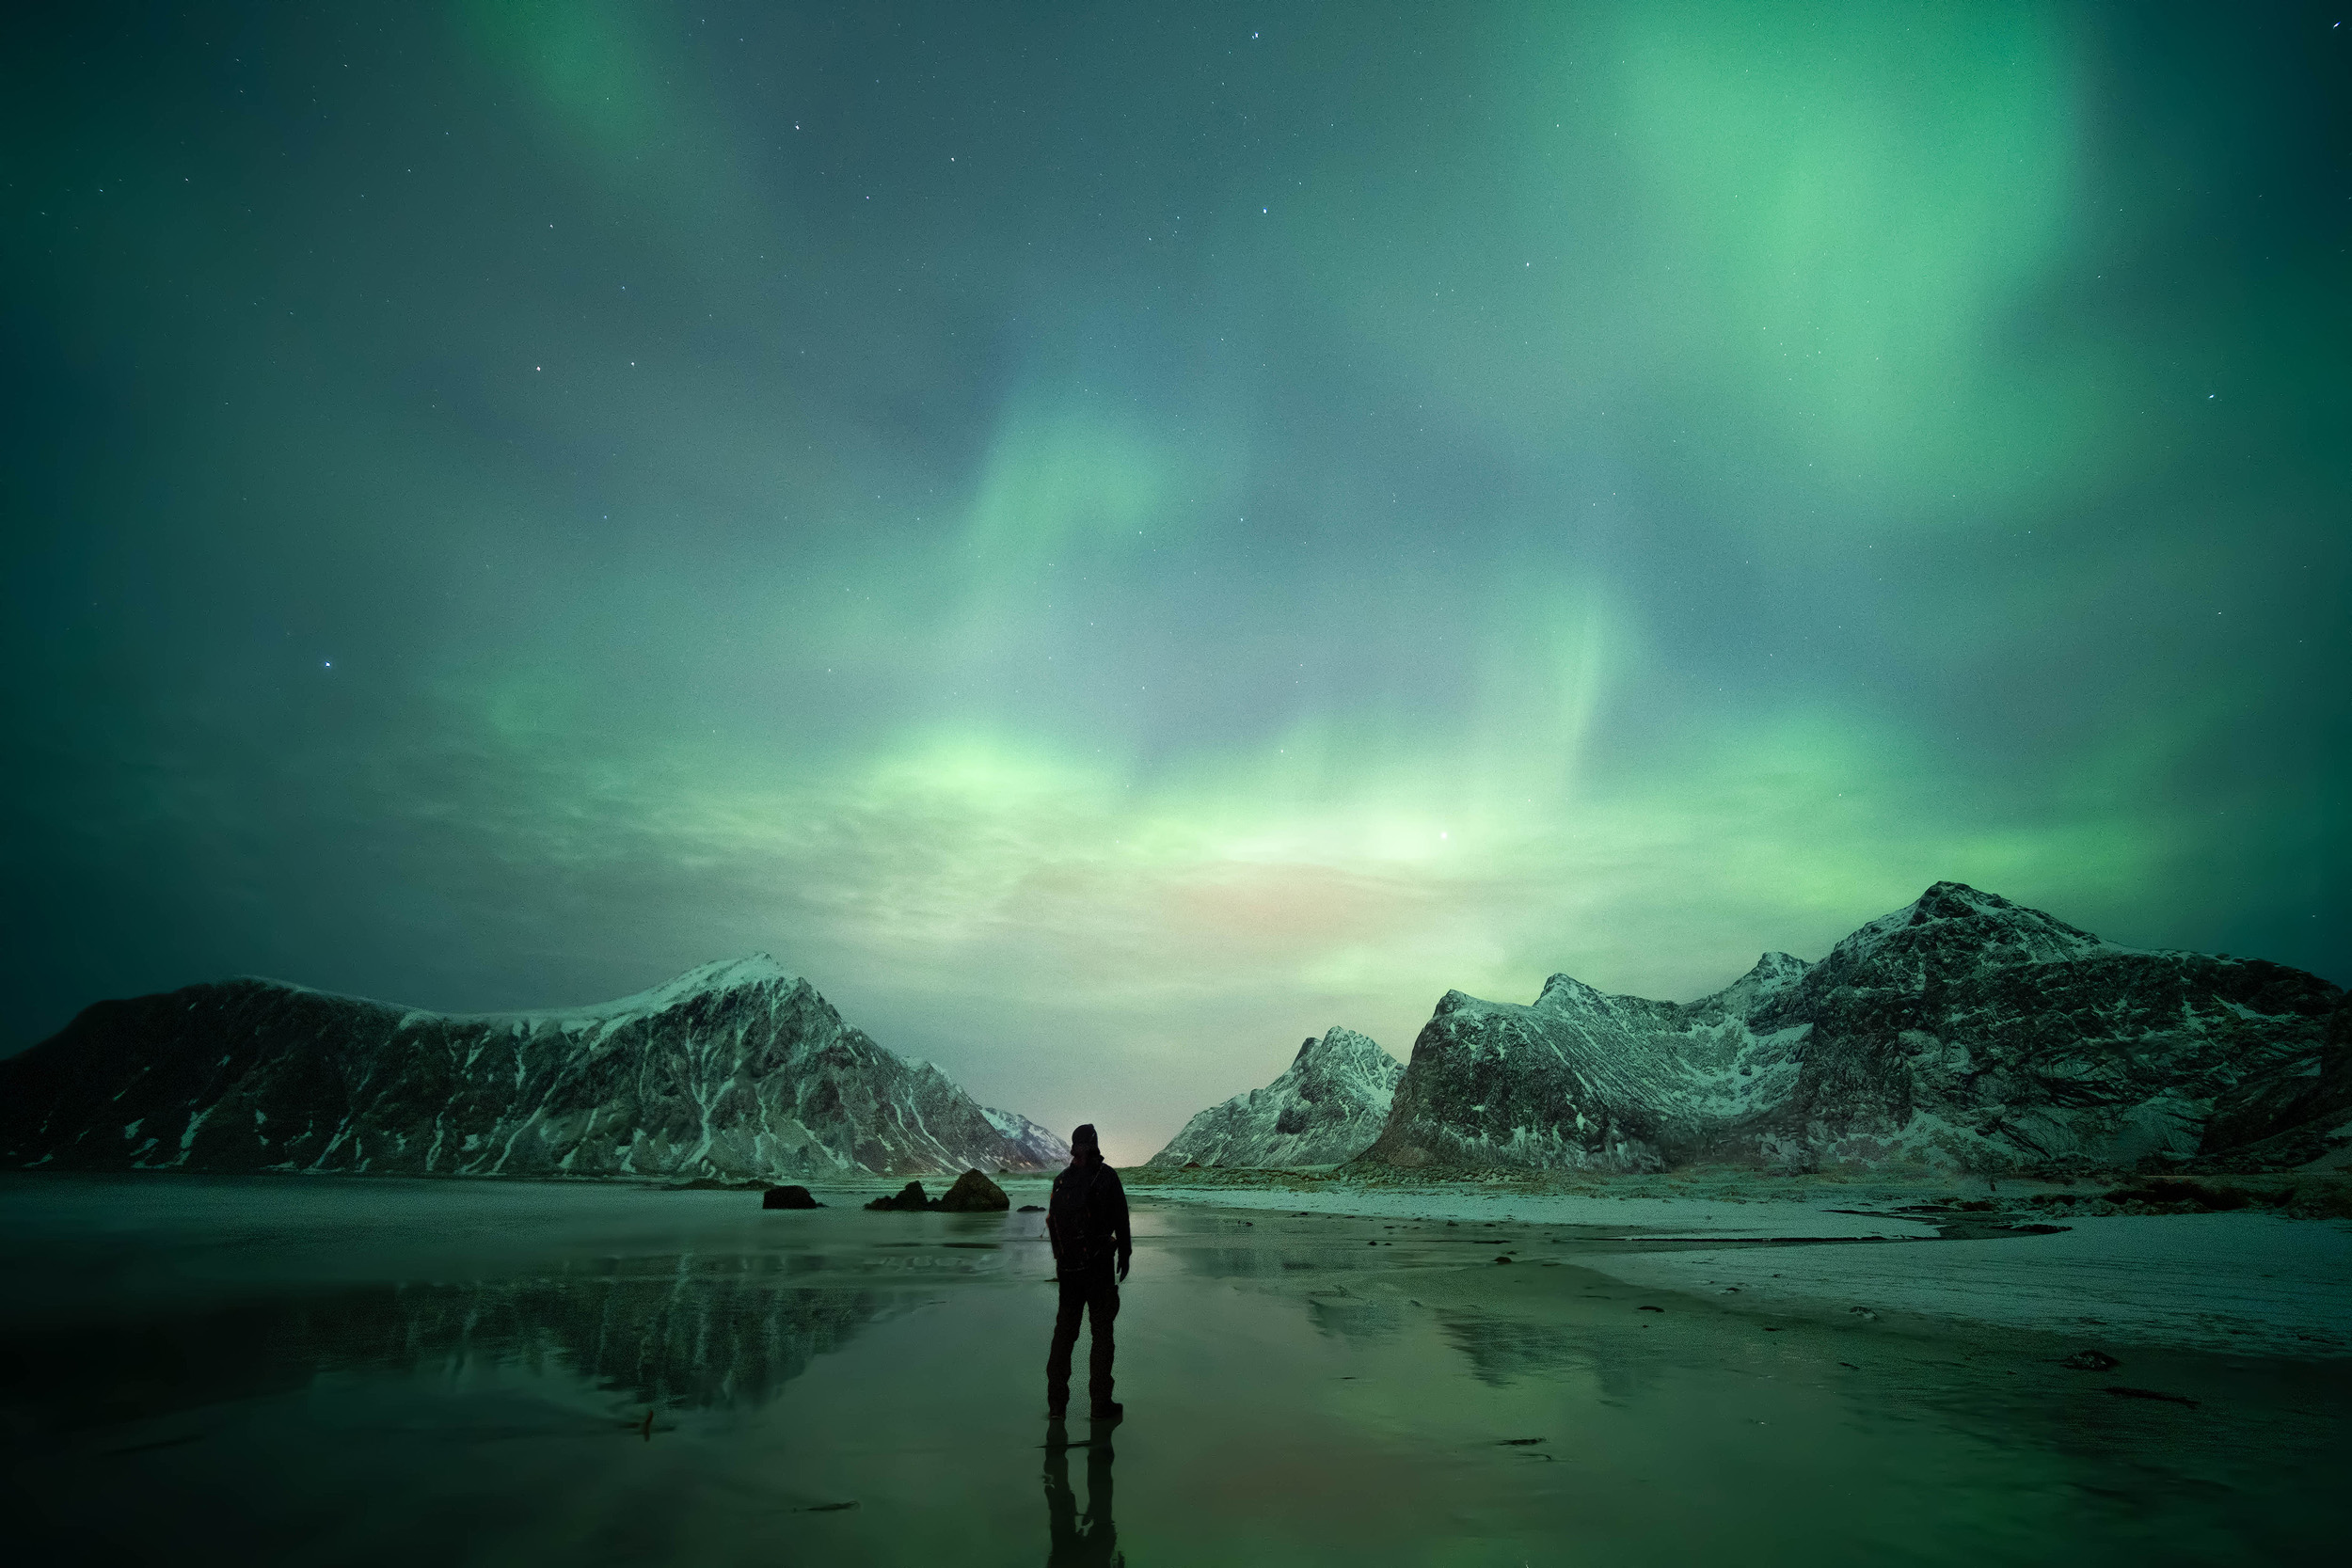 Skagsanden Aurora   The northern lights dances above the beach at Skagsanden in Lofoten